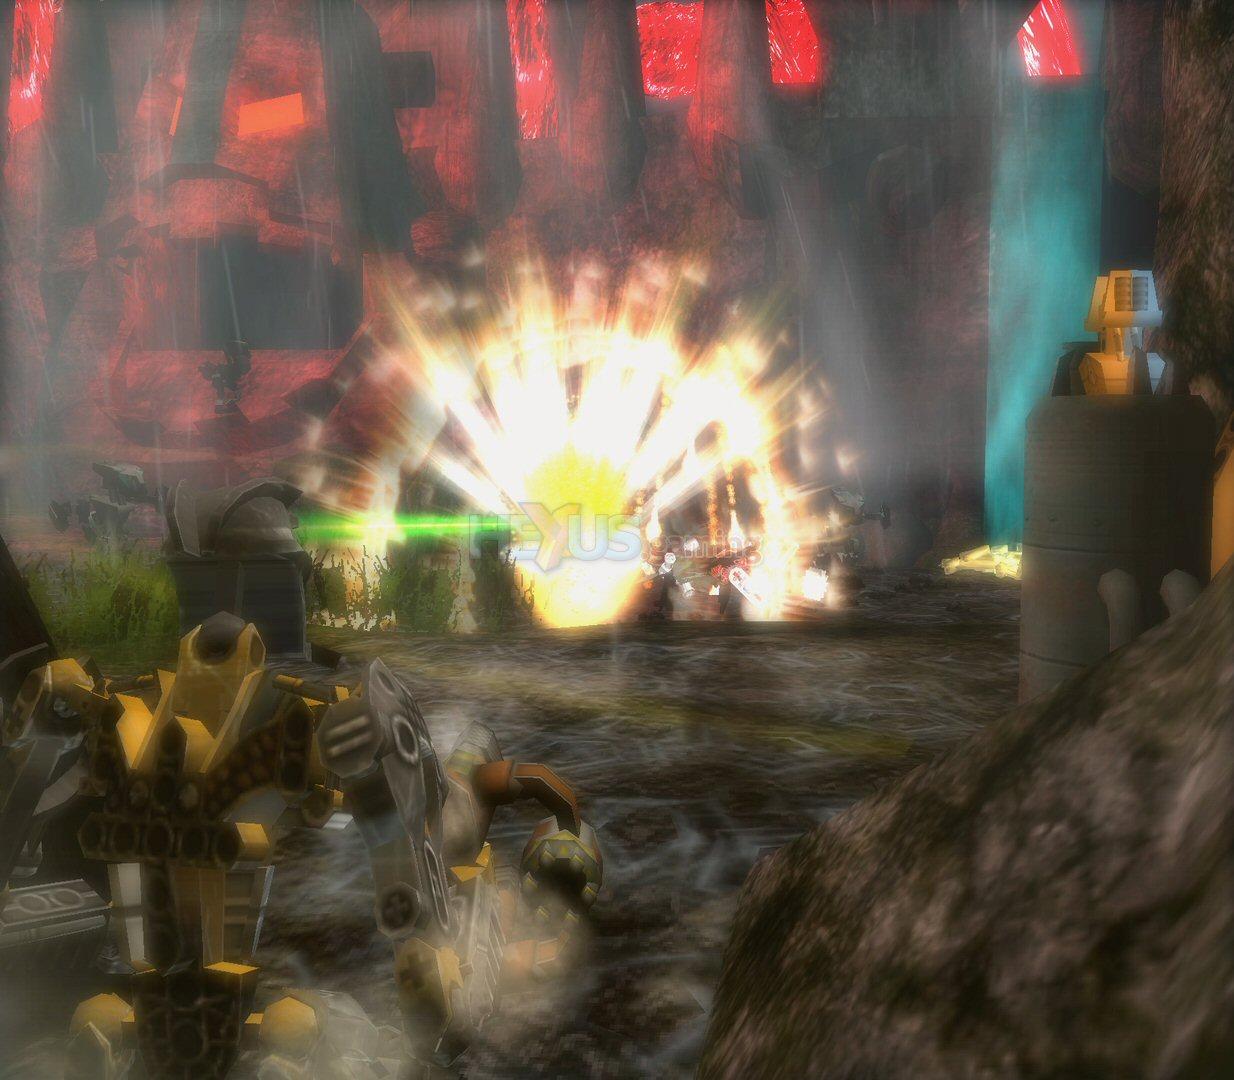 لعبة الوحش والقتال والمراحل صورها